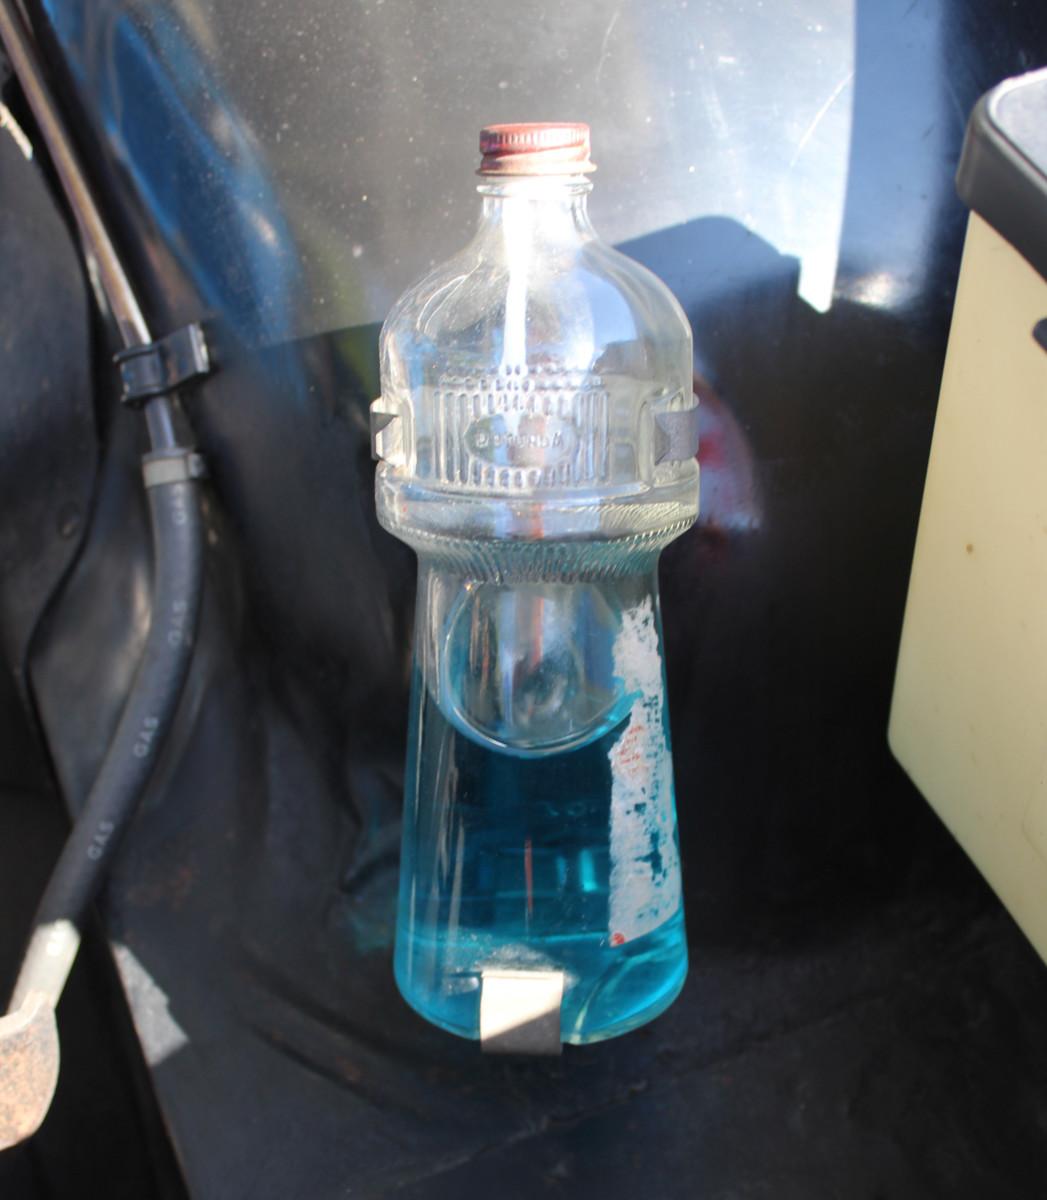 Original wiper fluid